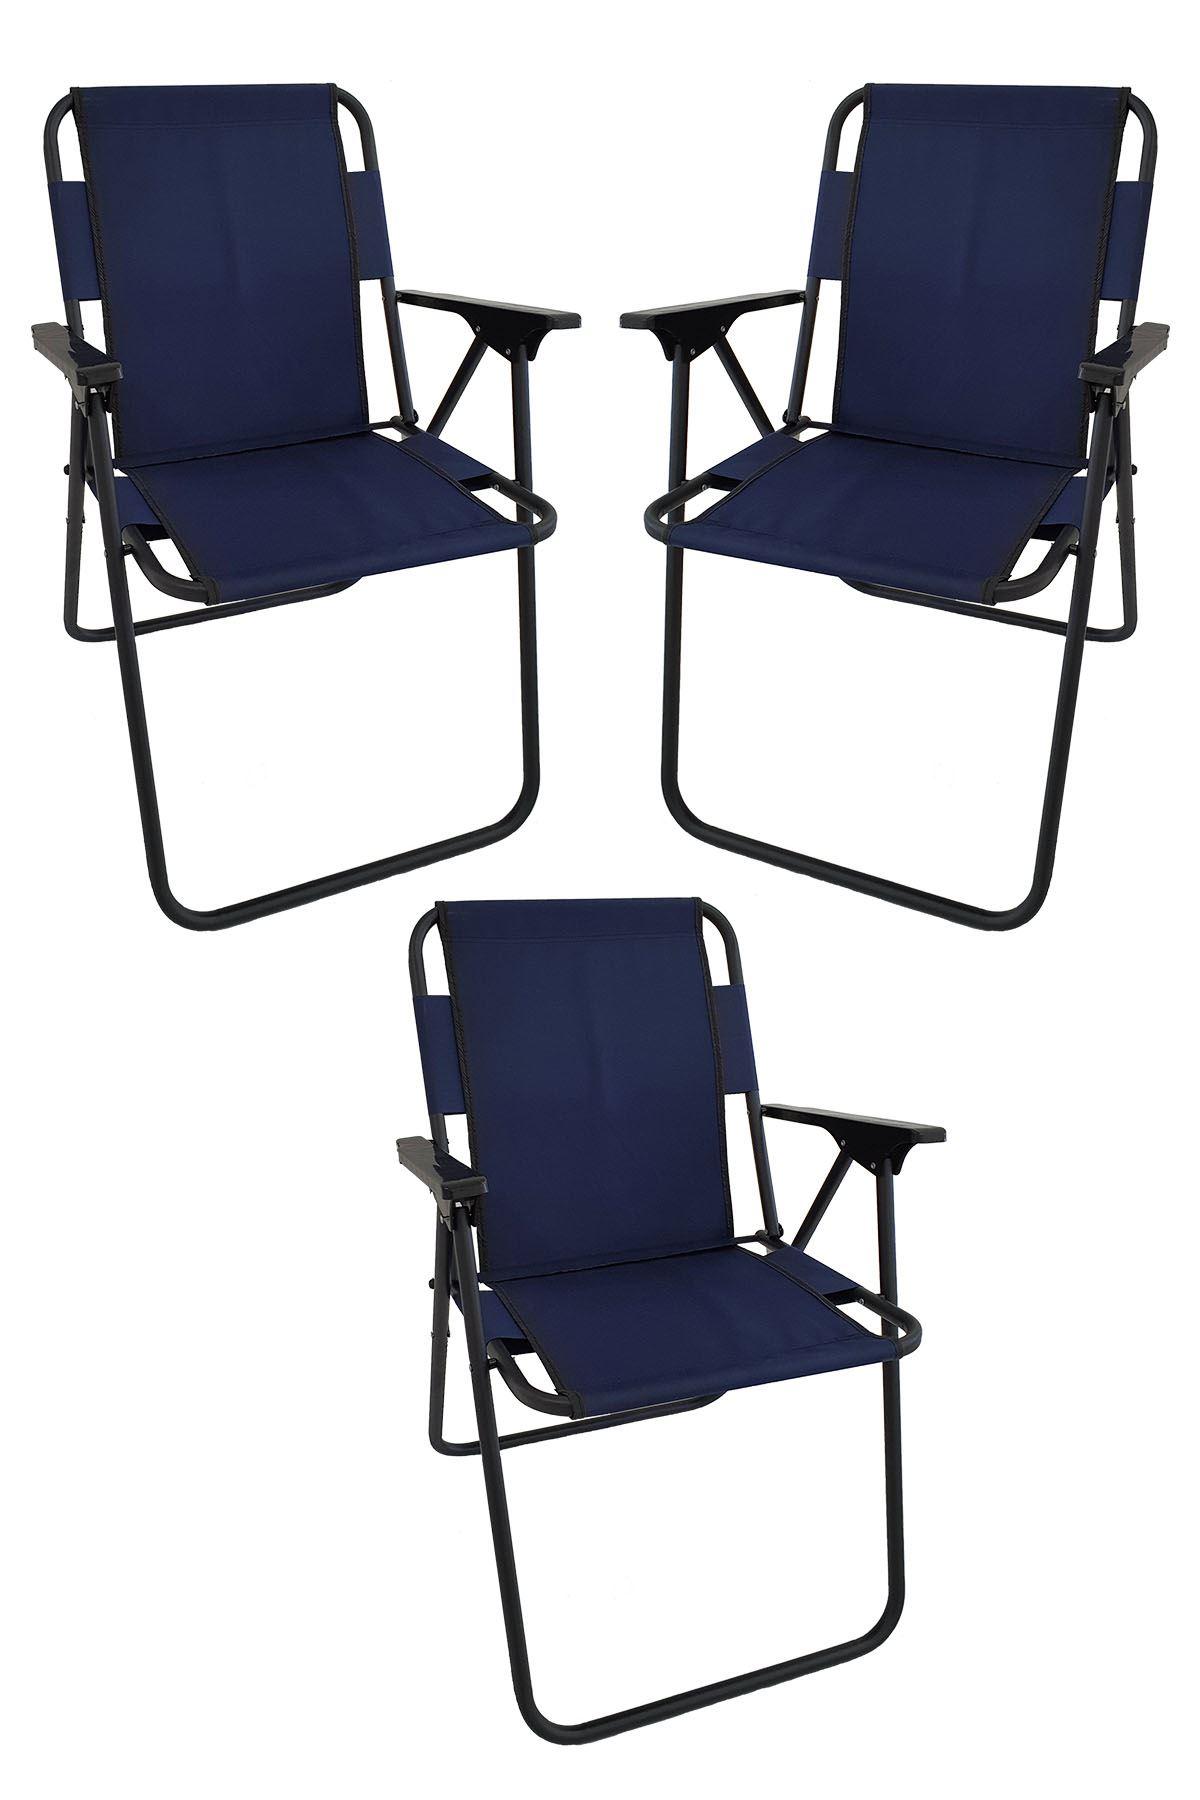 Bofigo 3 Pcs Camping Chair Folding Chair Picnic Chair Beach Chair Navy Blue